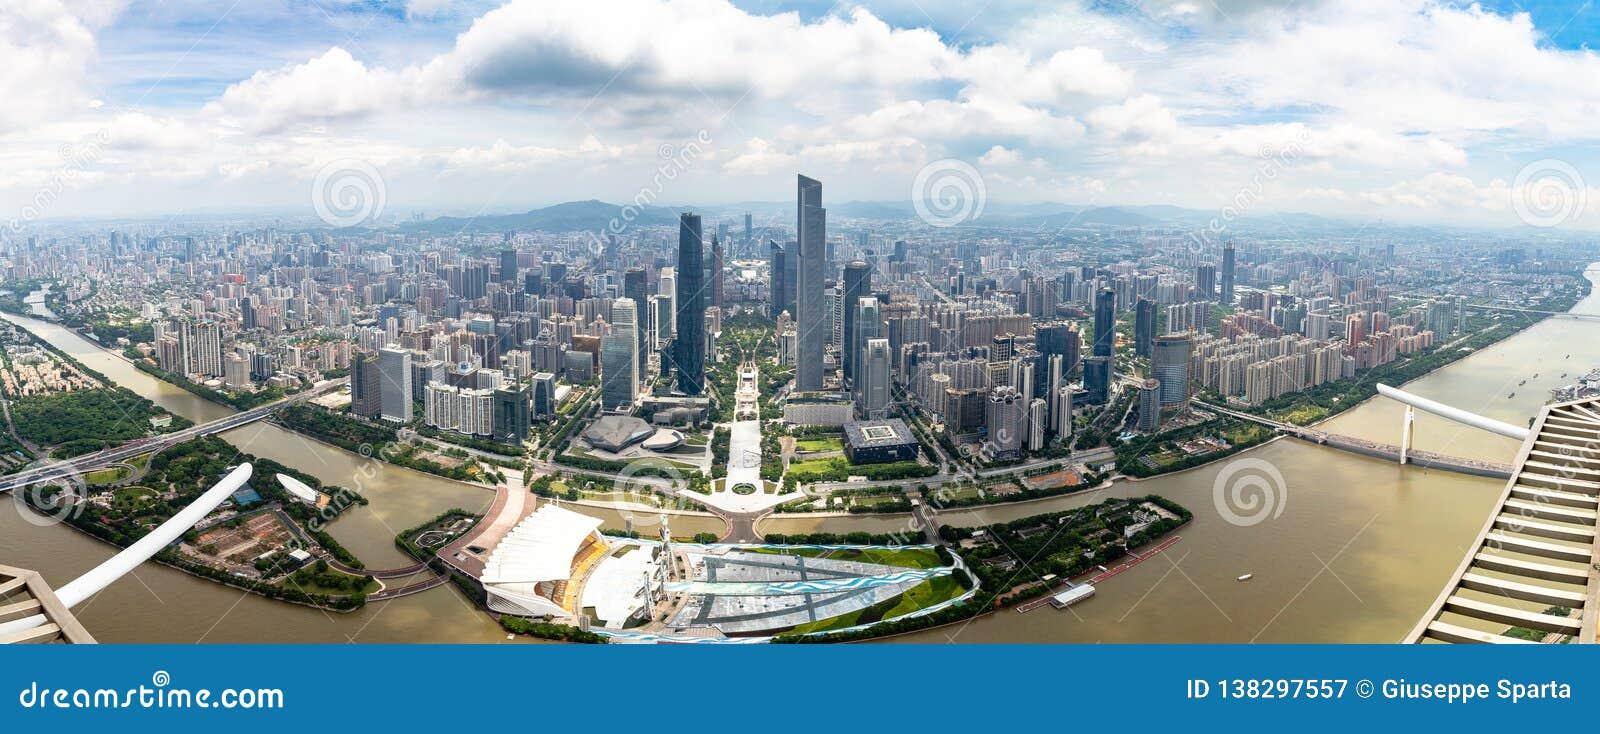 2017年7月–广州中心商务区广州,中国–全景和珠江